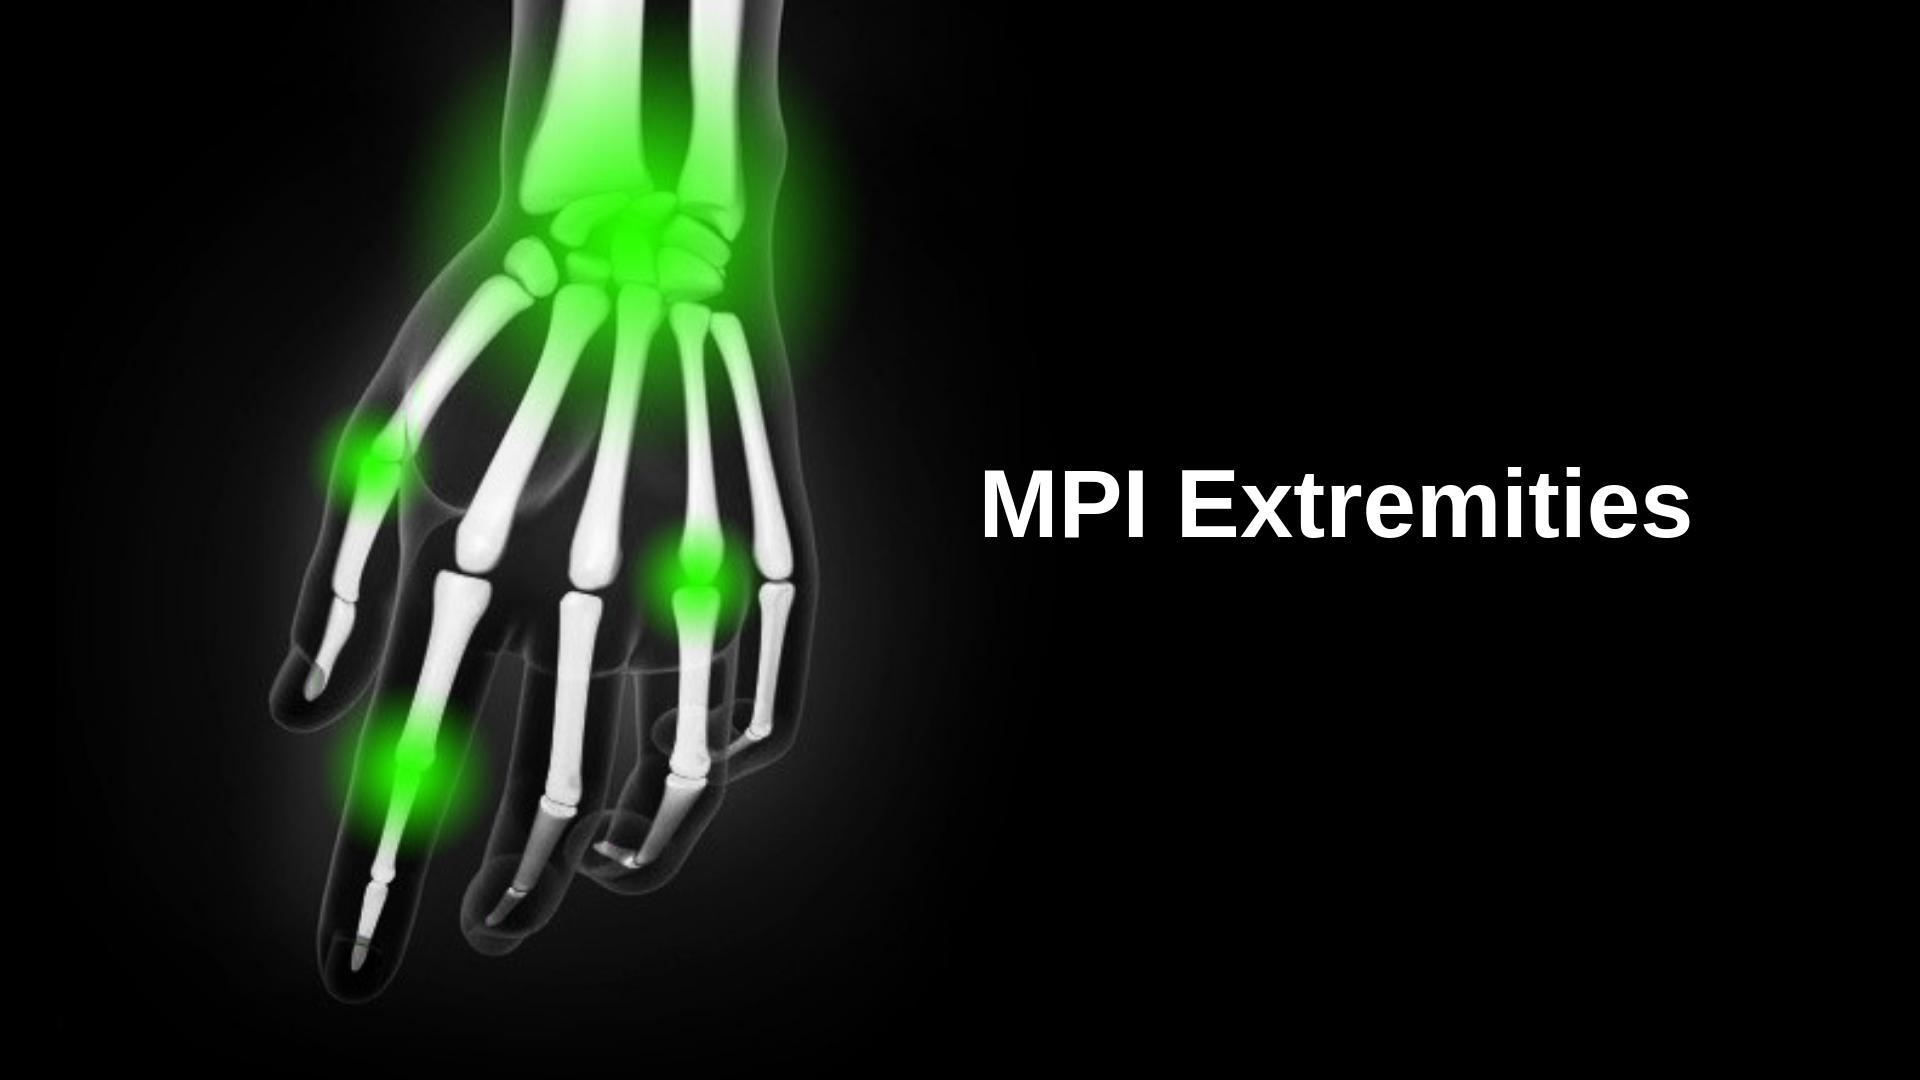 MPI Extremities